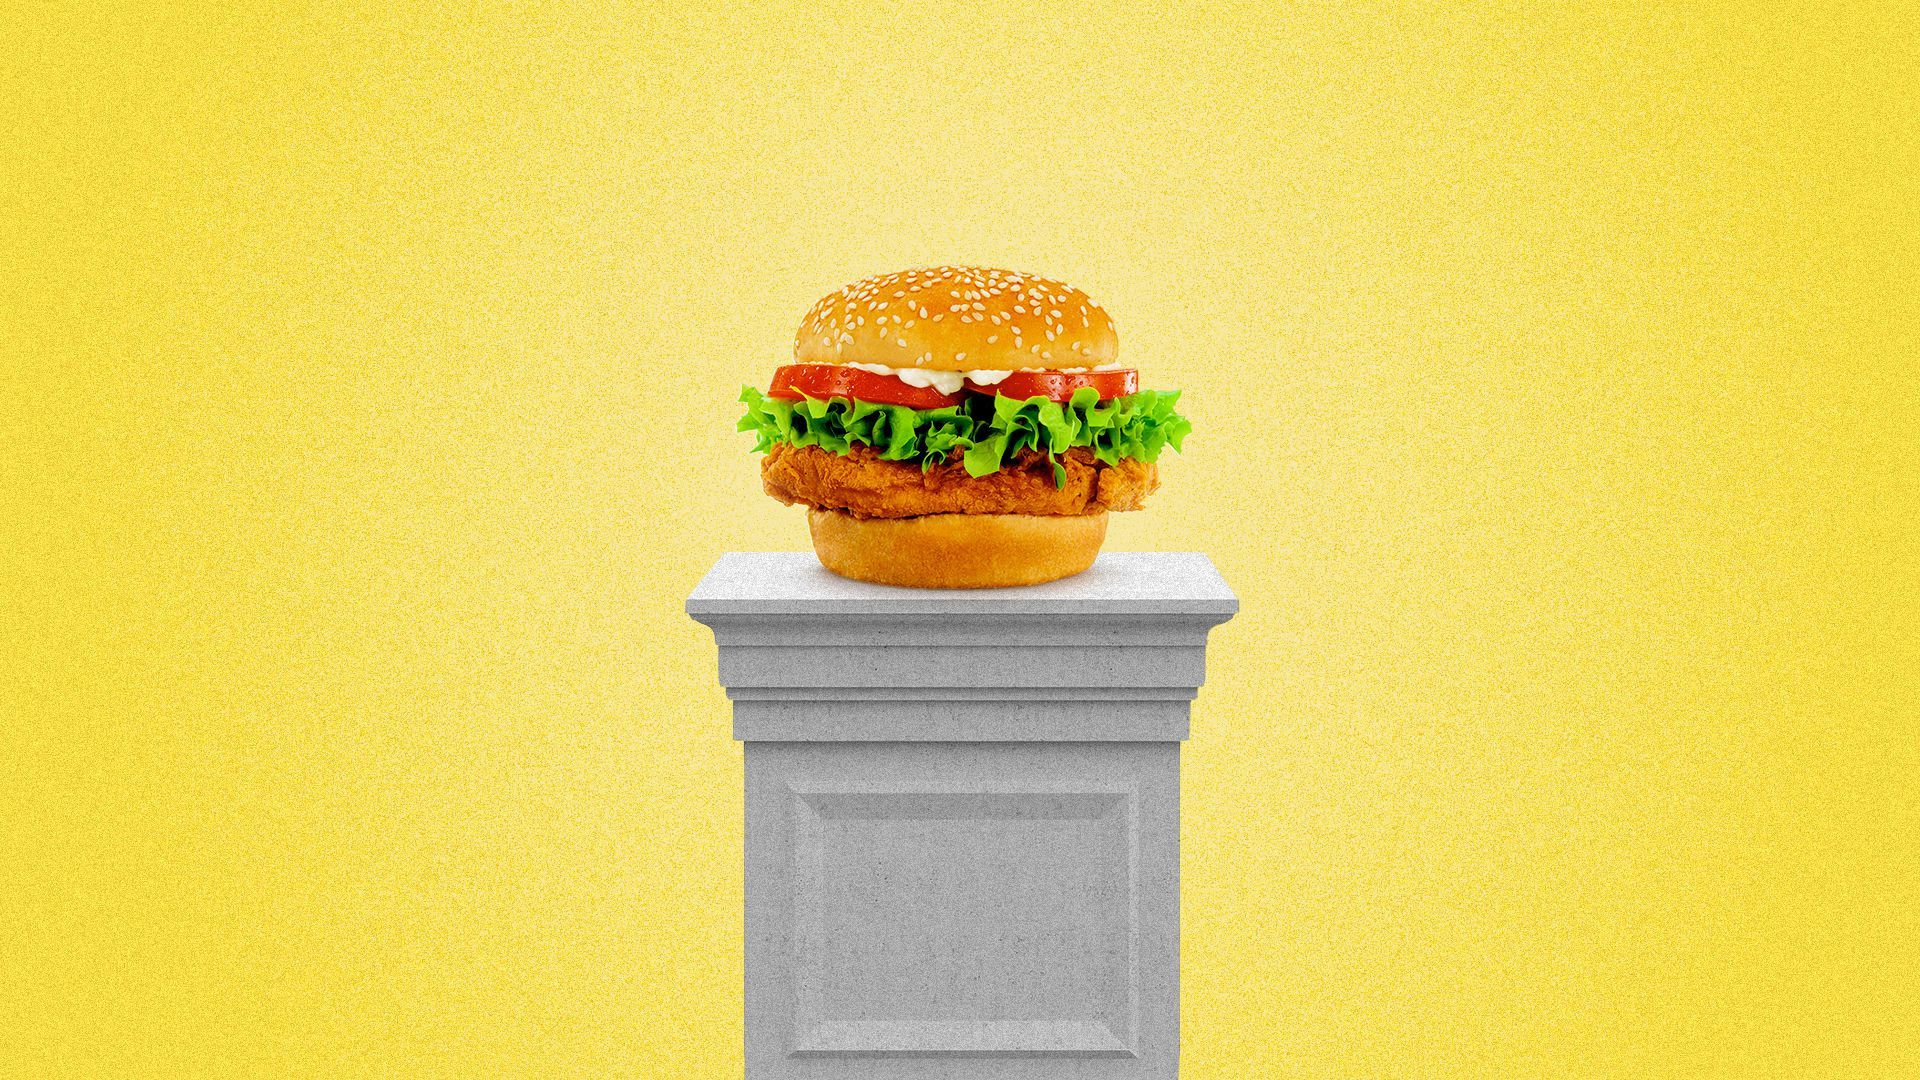 Popeye's spicy chicken sandwich on a pedestal